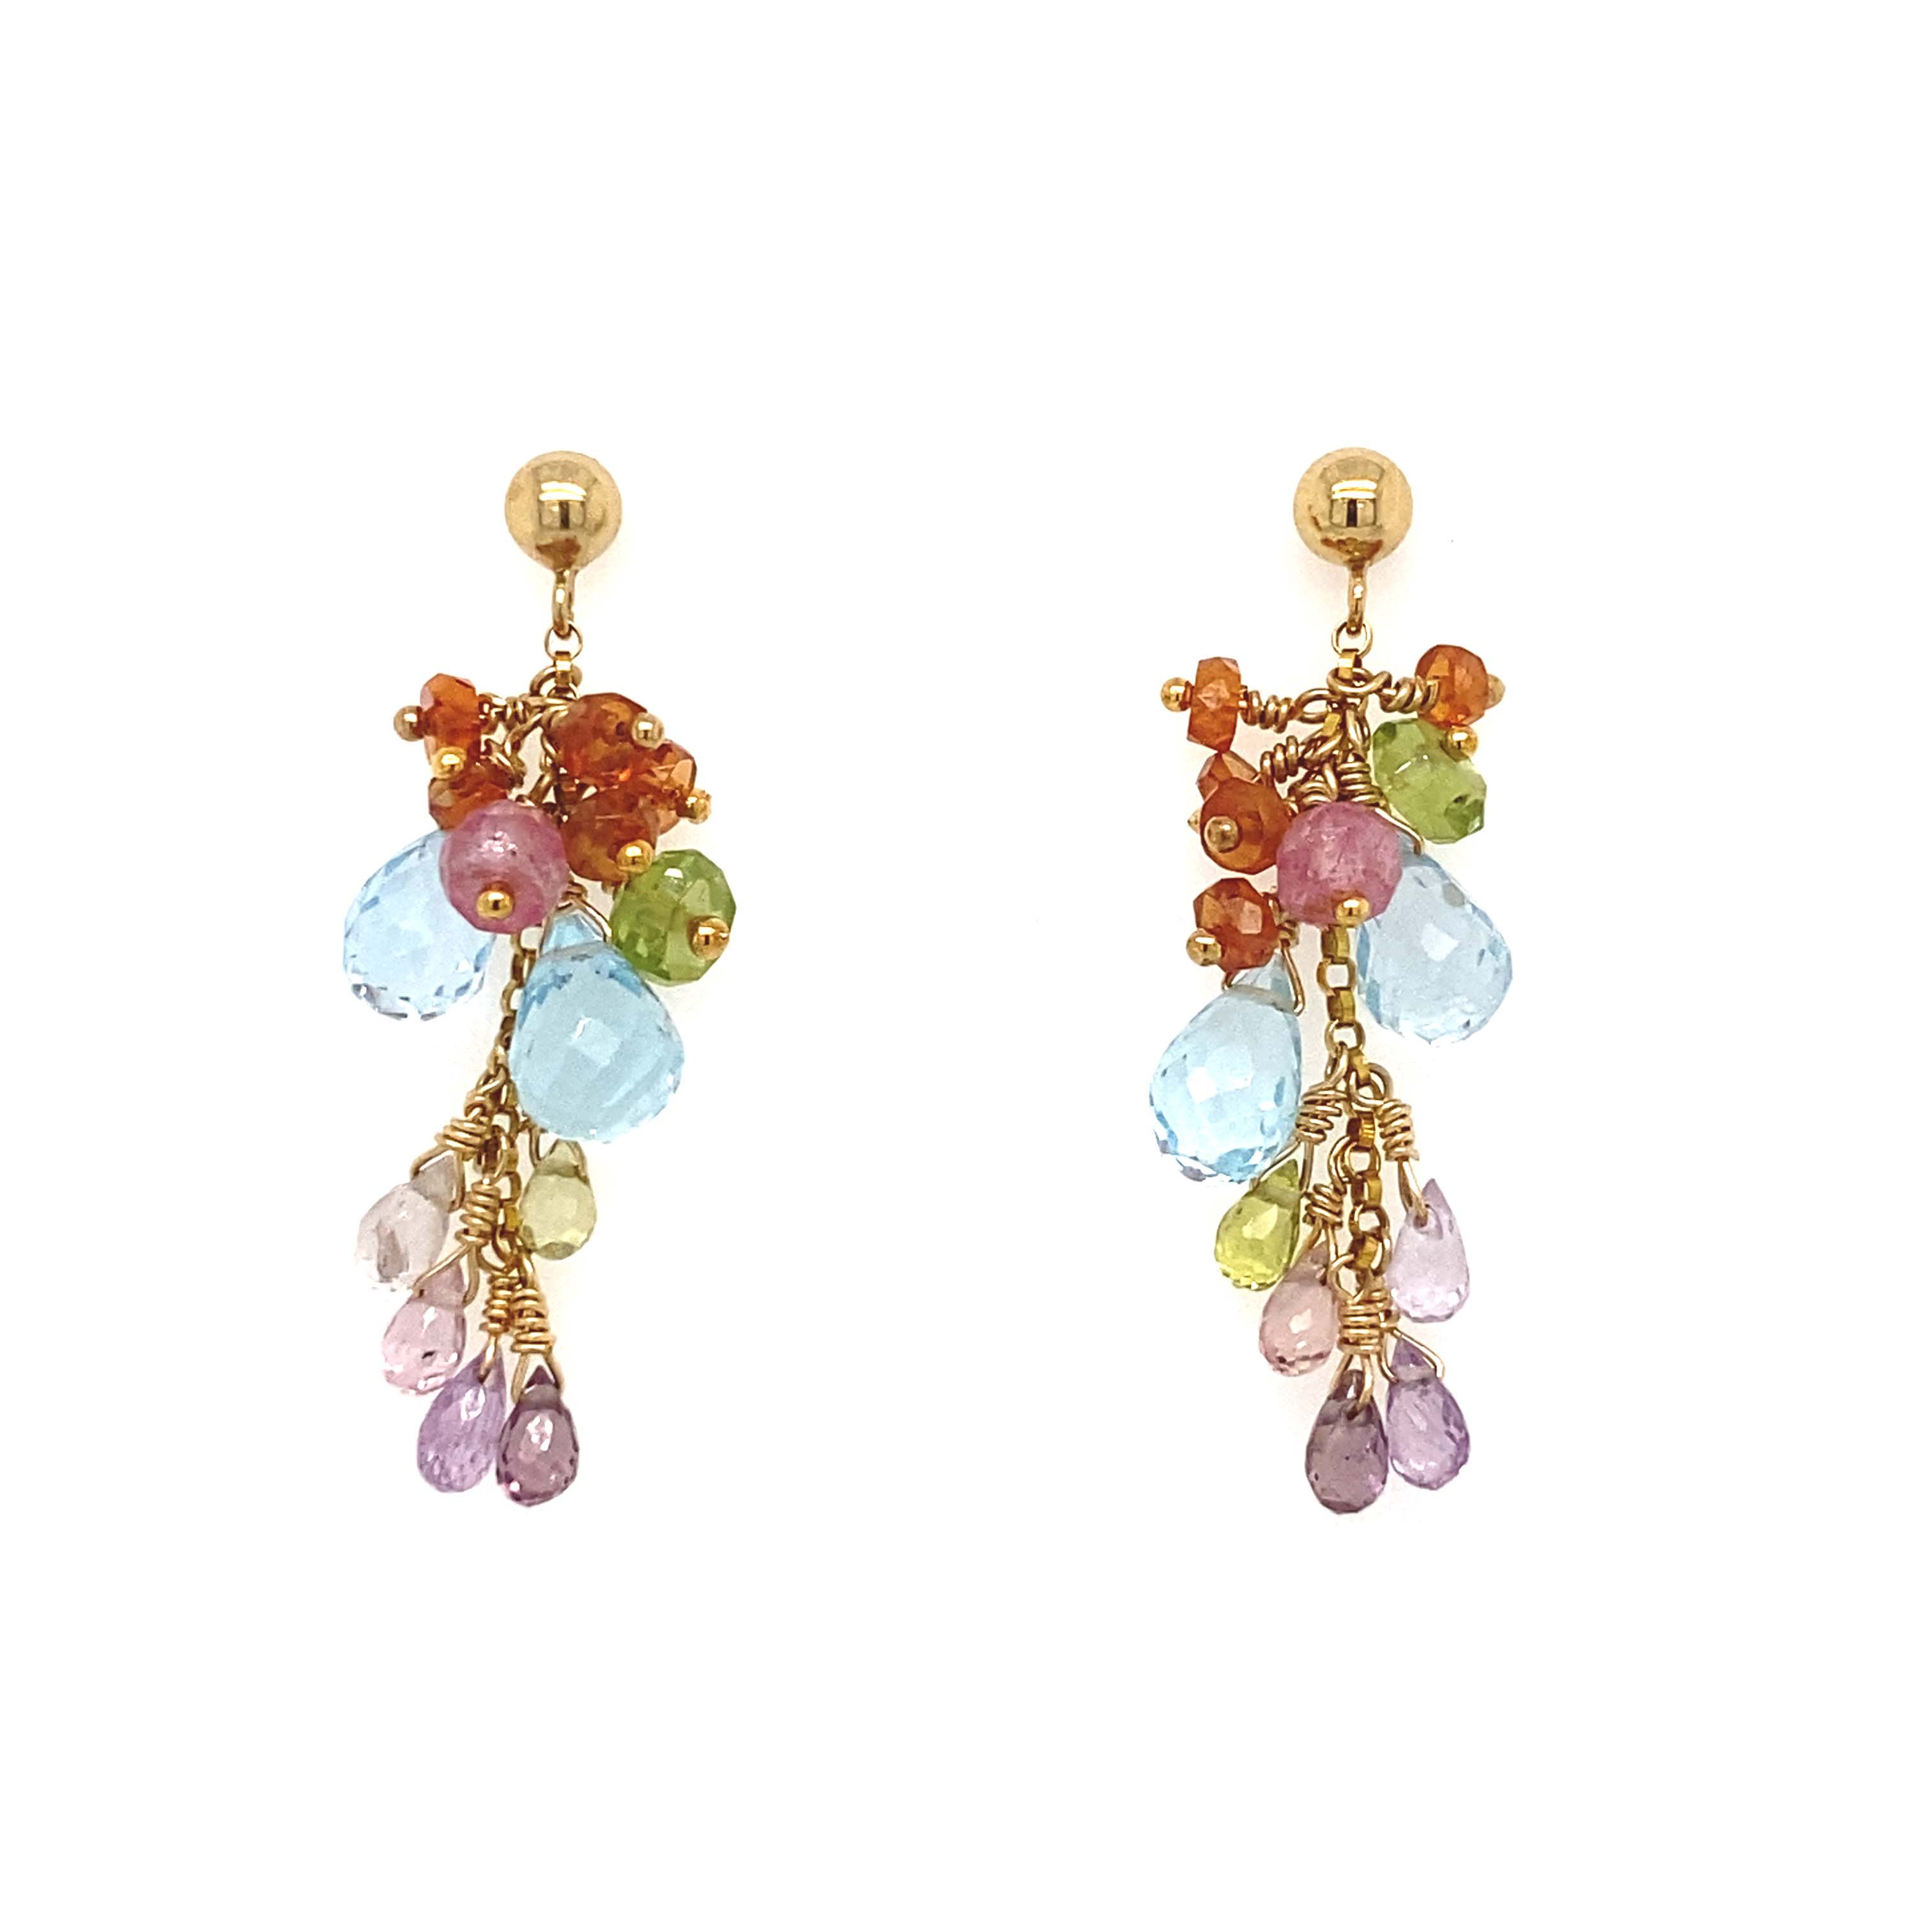 Sapphires Garnet Topaz Peridot Earrings in 14K Gold Fill, Multi Gemstone Earrings